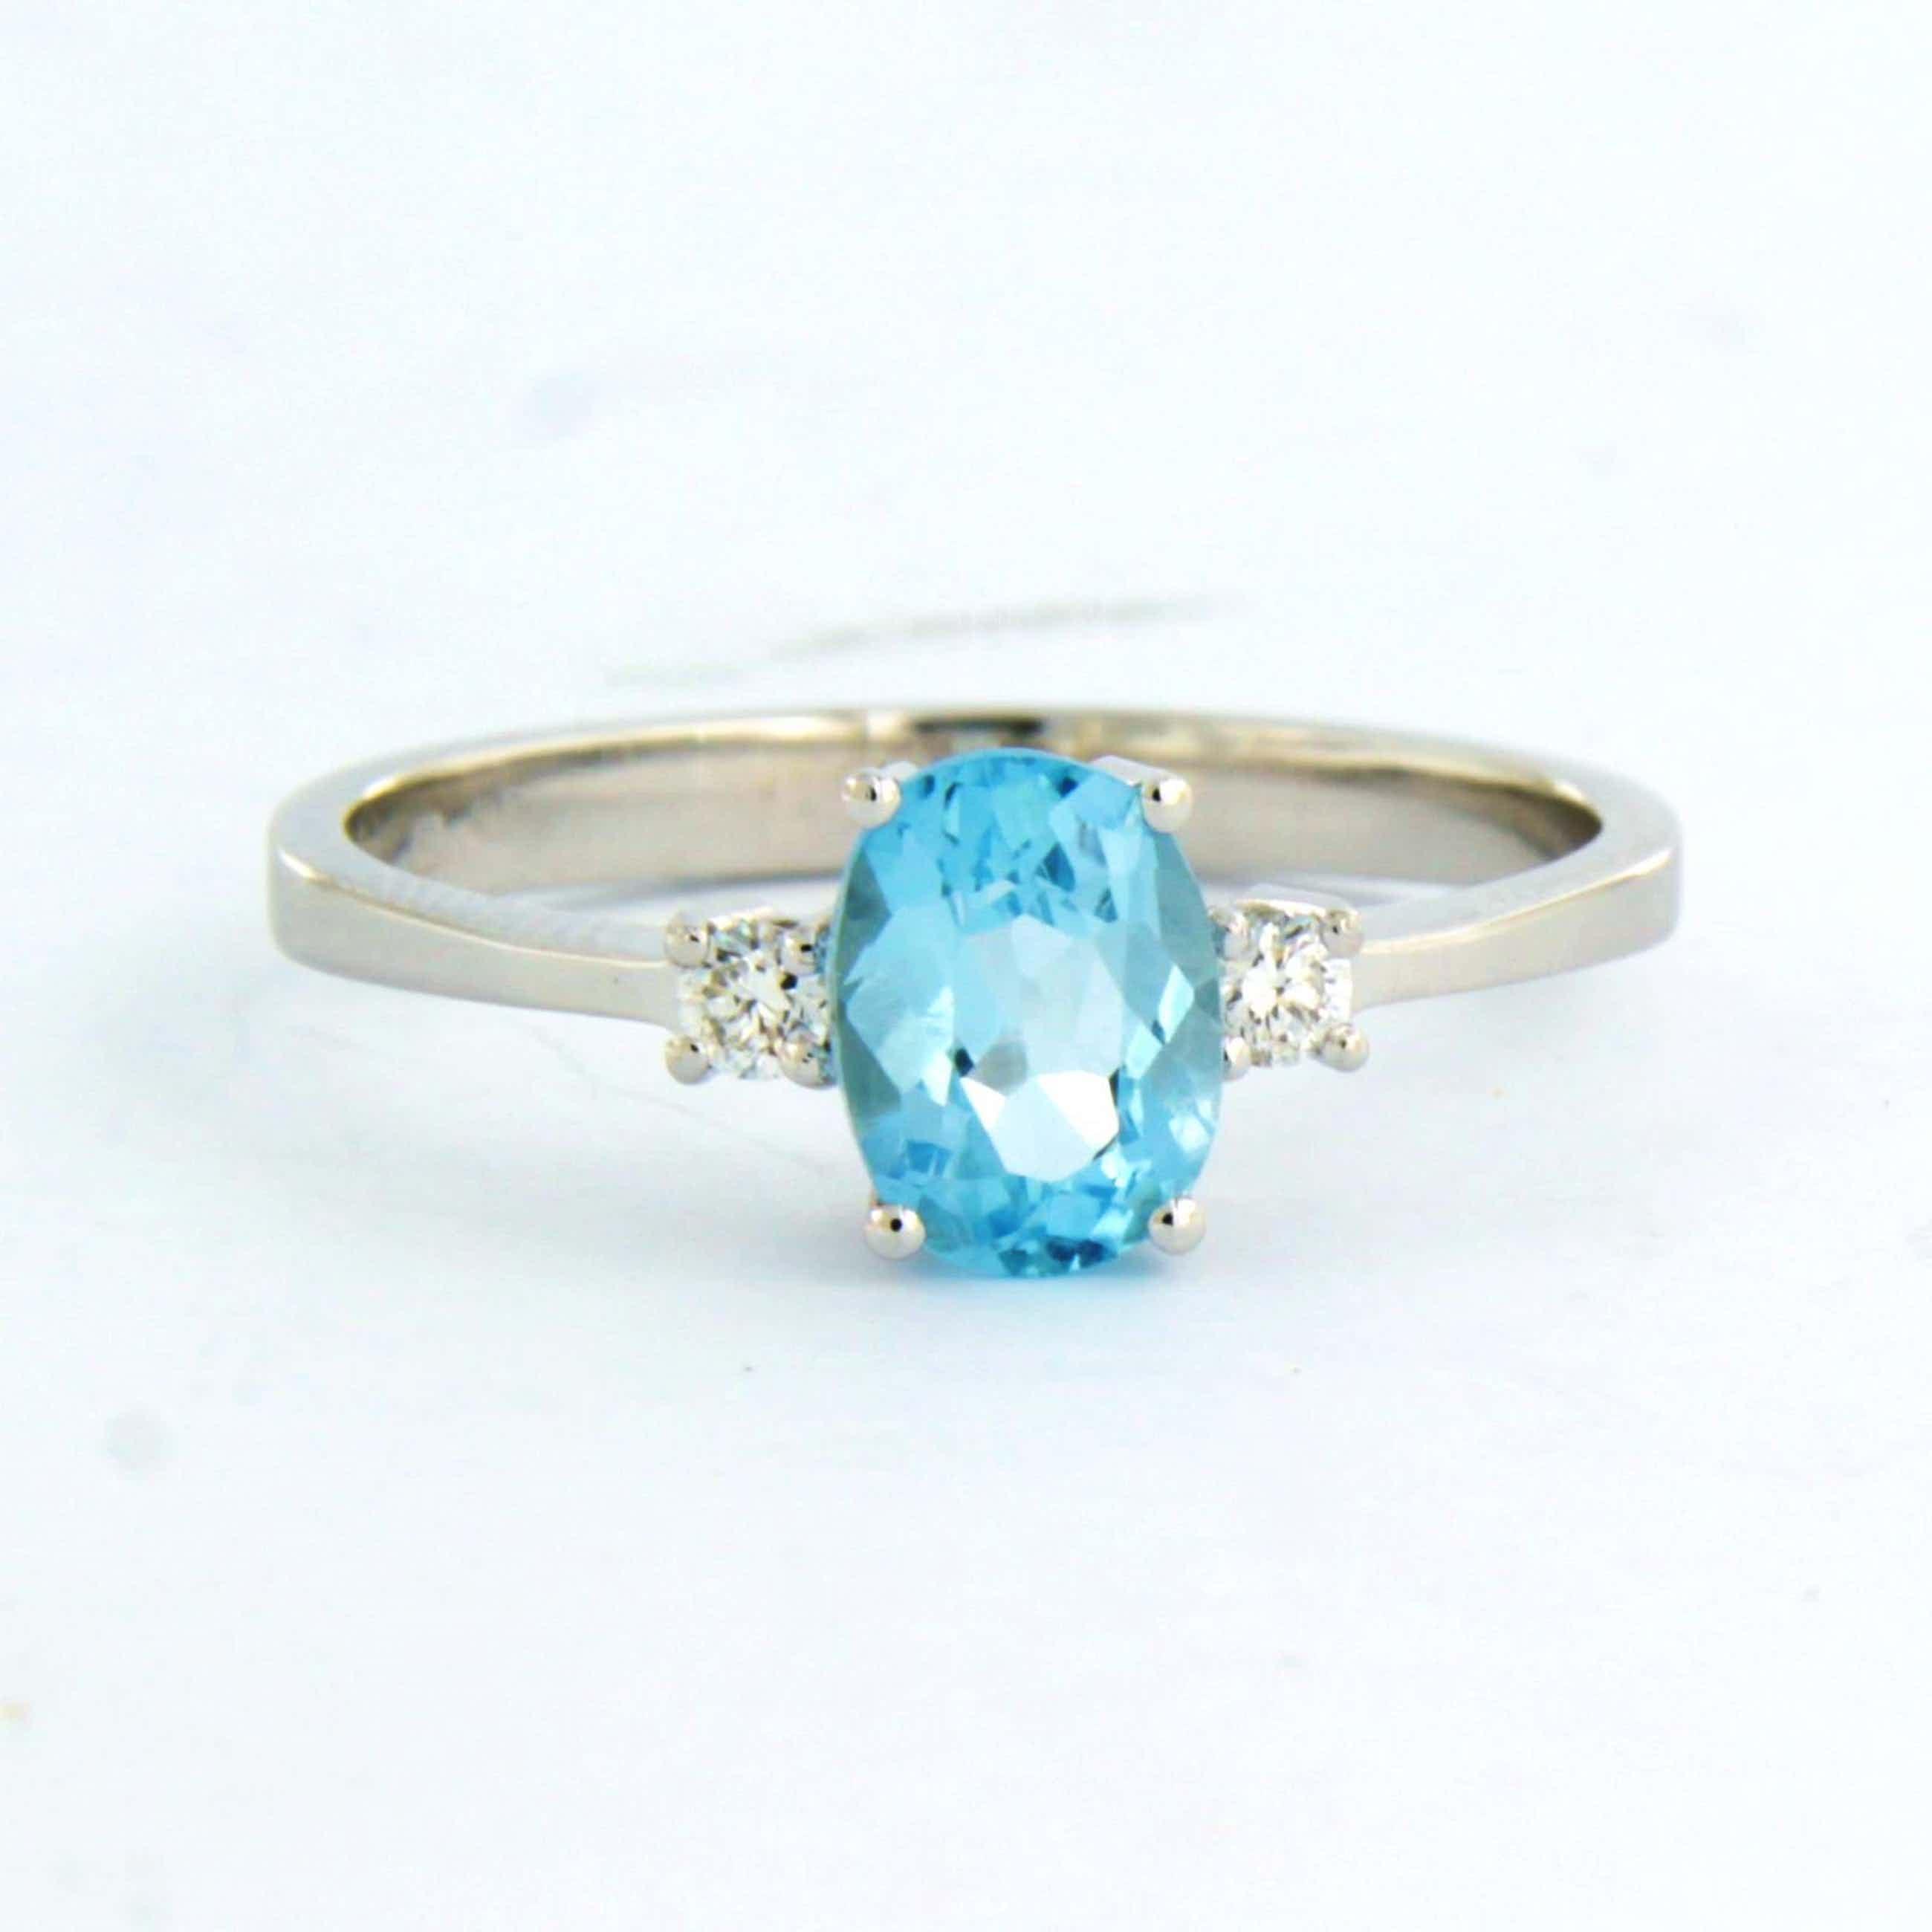 18k witgouden ring bezet met blauwe topaas en briljant geslepen diamant kopen? Bied vanaf 240!